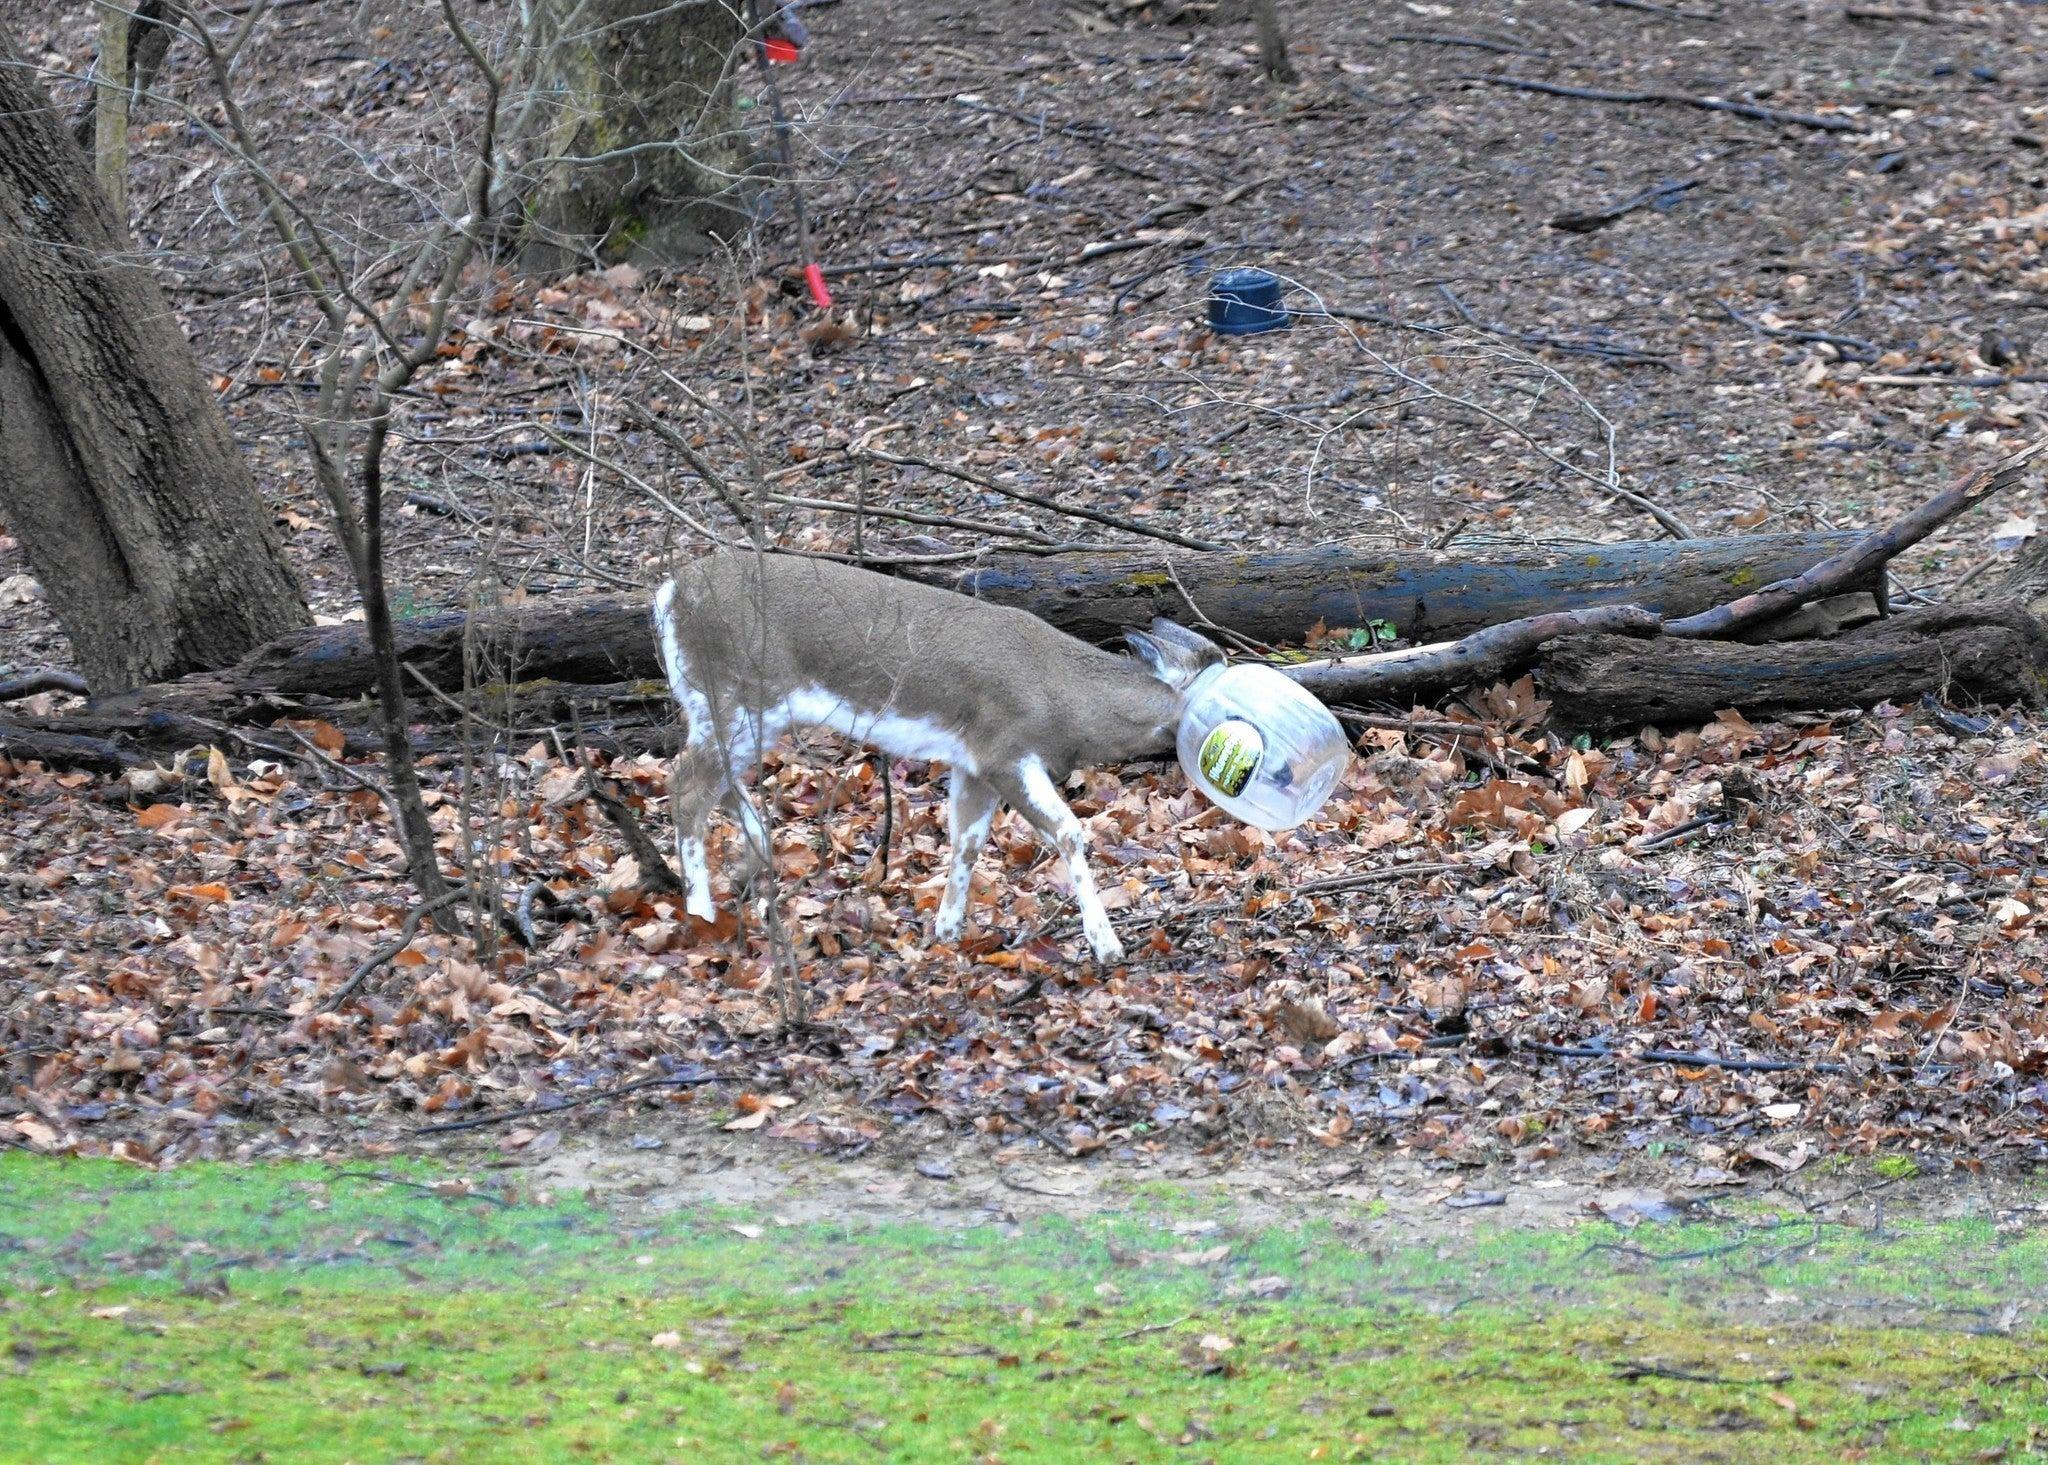 Video: Jughead the Deer Goes Free